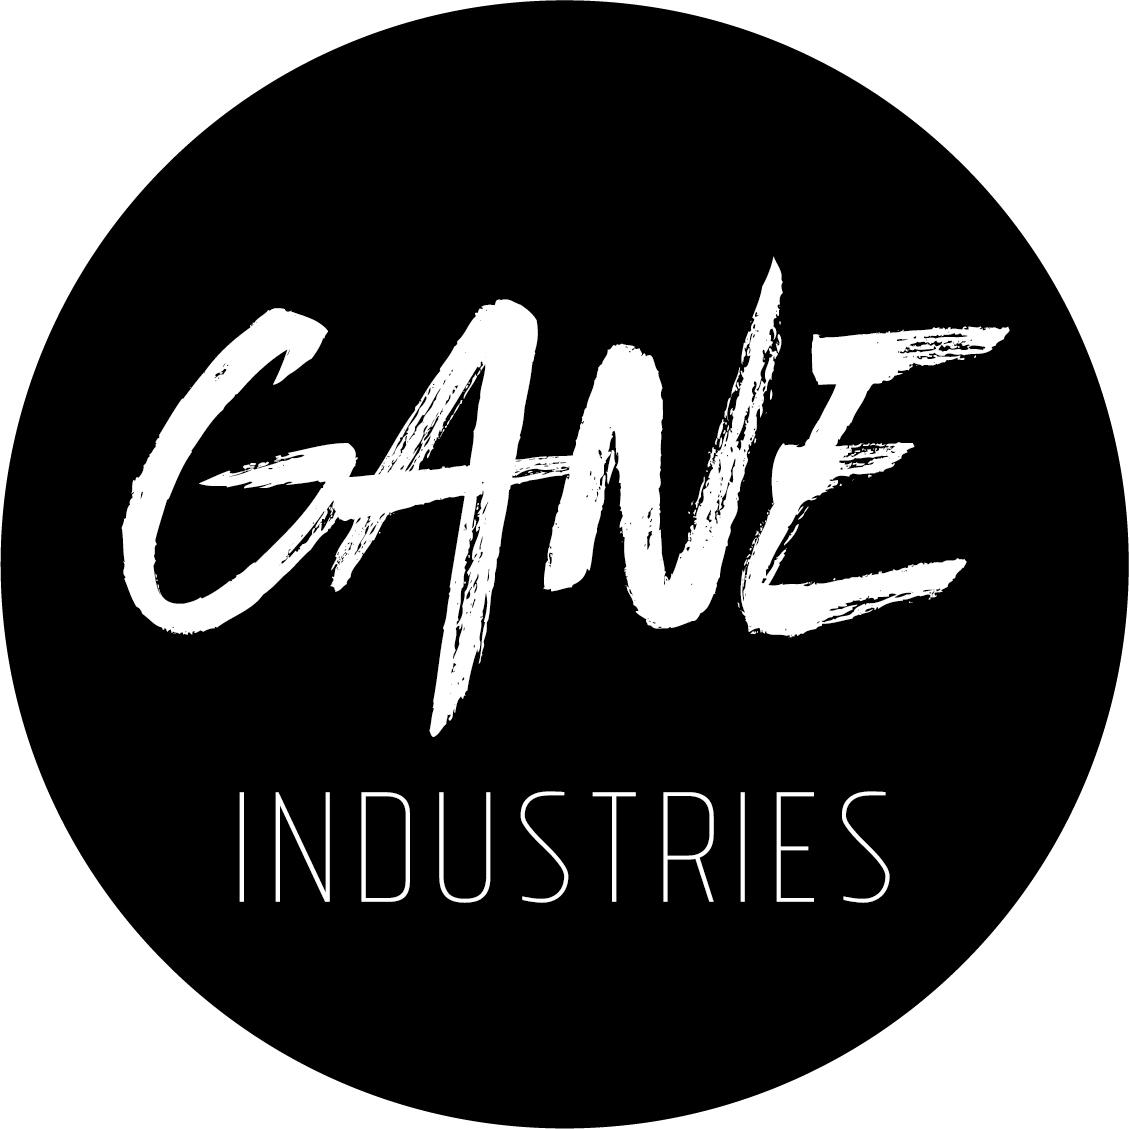 Gane_Industries_logo_1000.jpg